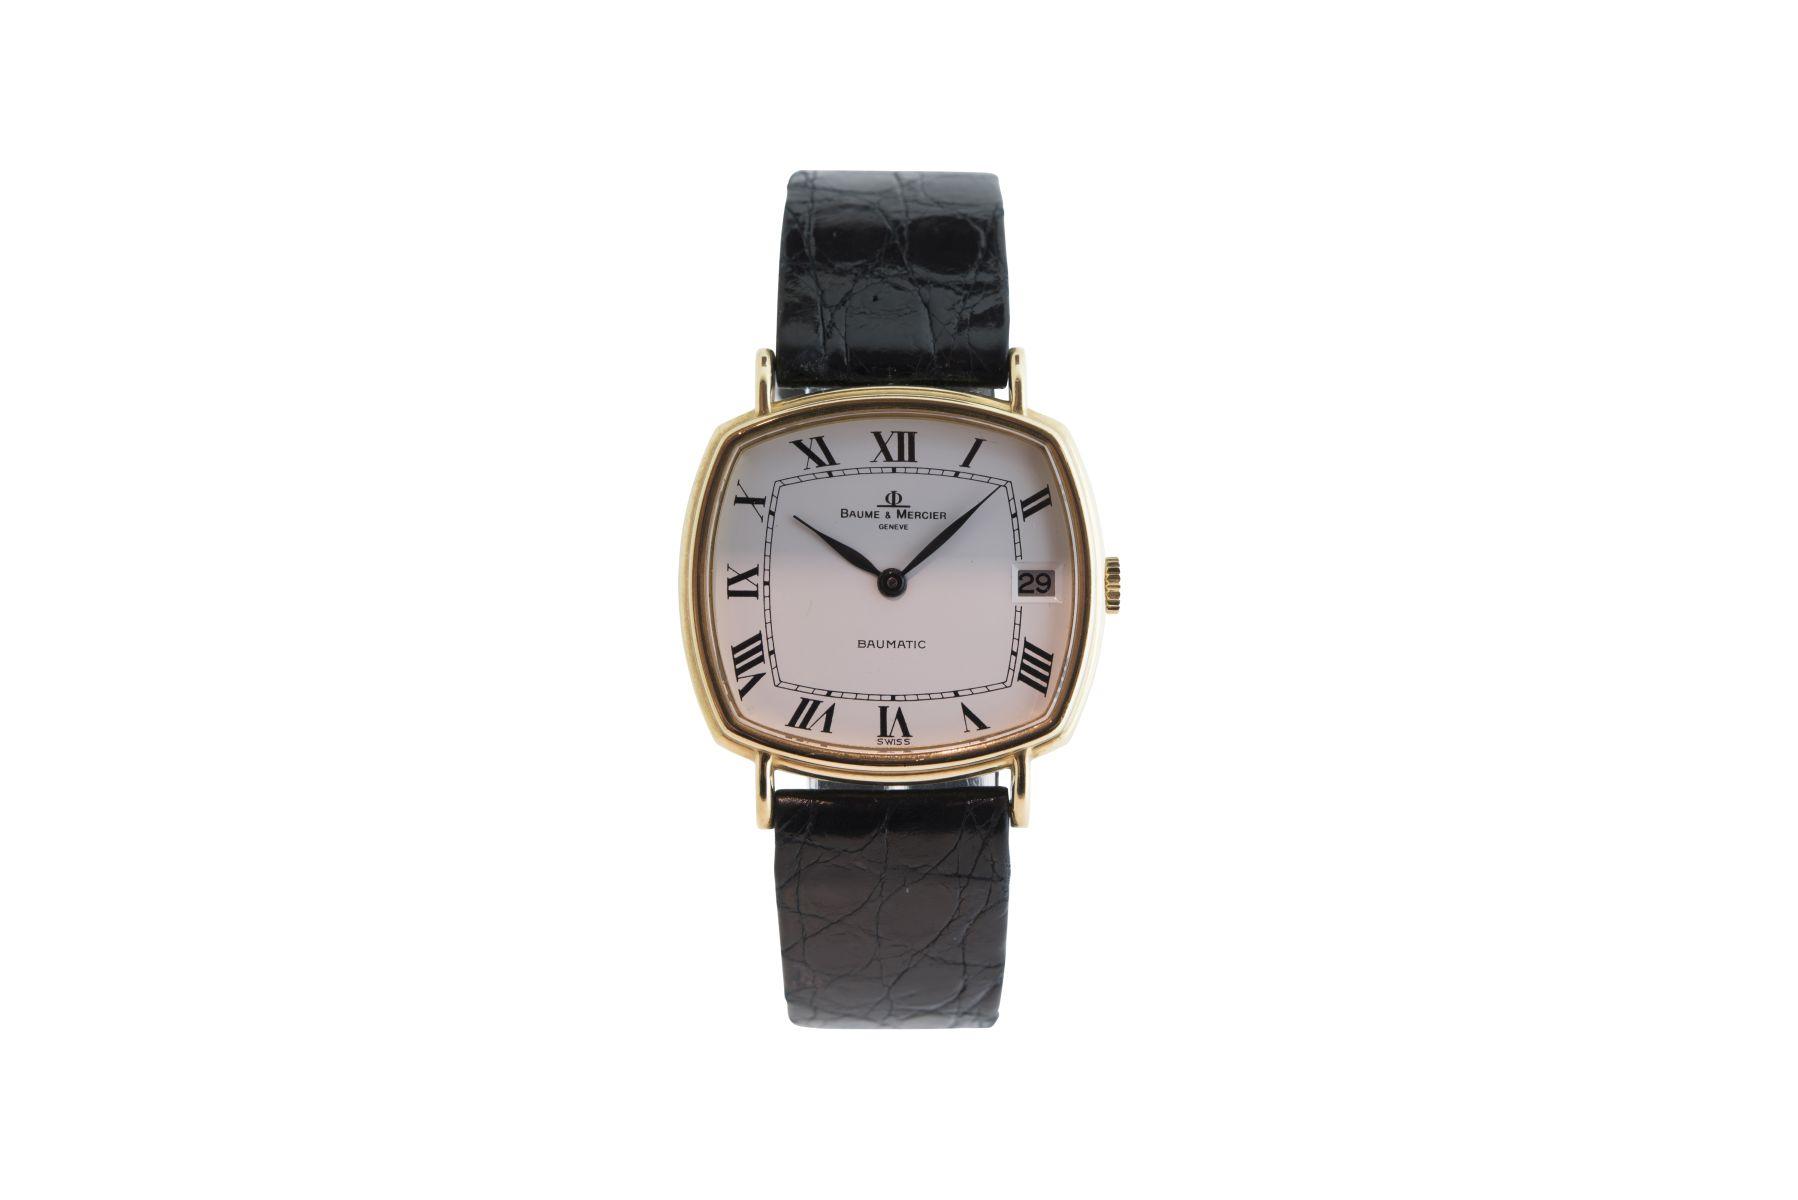 #2 Baume & Mercier gold watch automatic | Baume & Mercier Golduhr Automatik Image